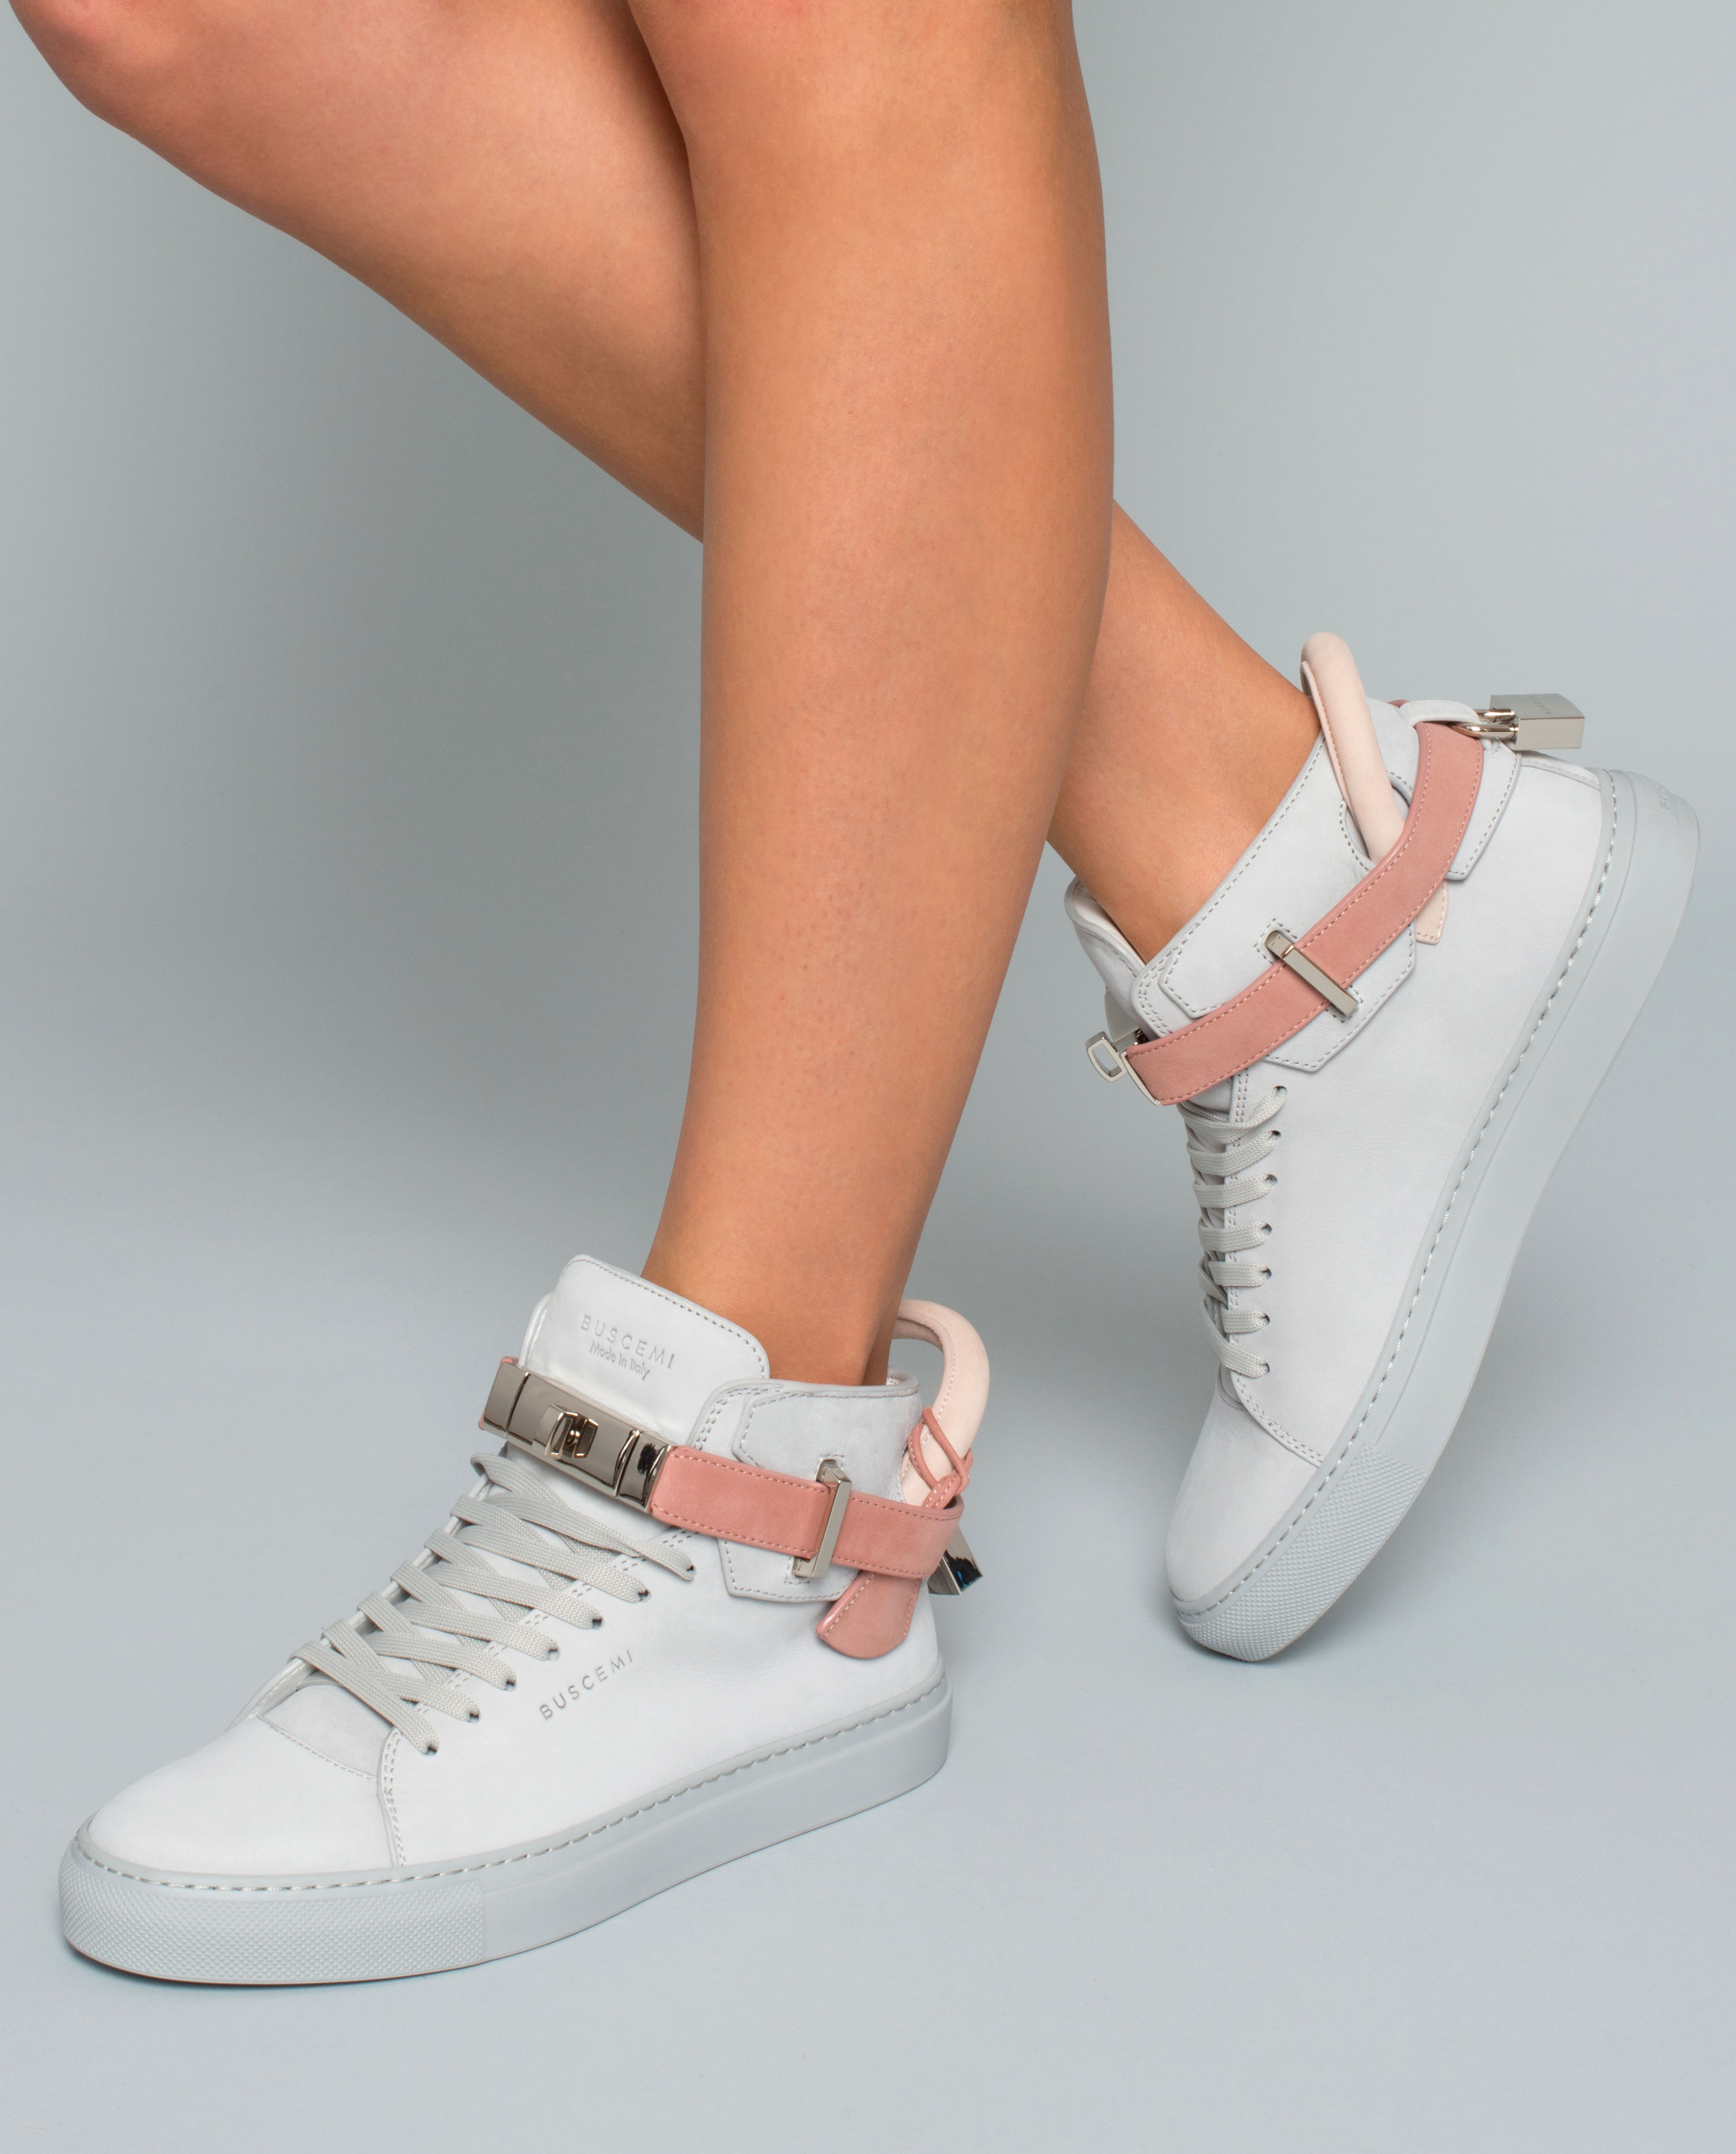 Sneakersy 100mm BUSCEMI – Kup teď! Nejlepší ceny a recenze! Obchod  Moliera2.cz. 61e5c6f3ad